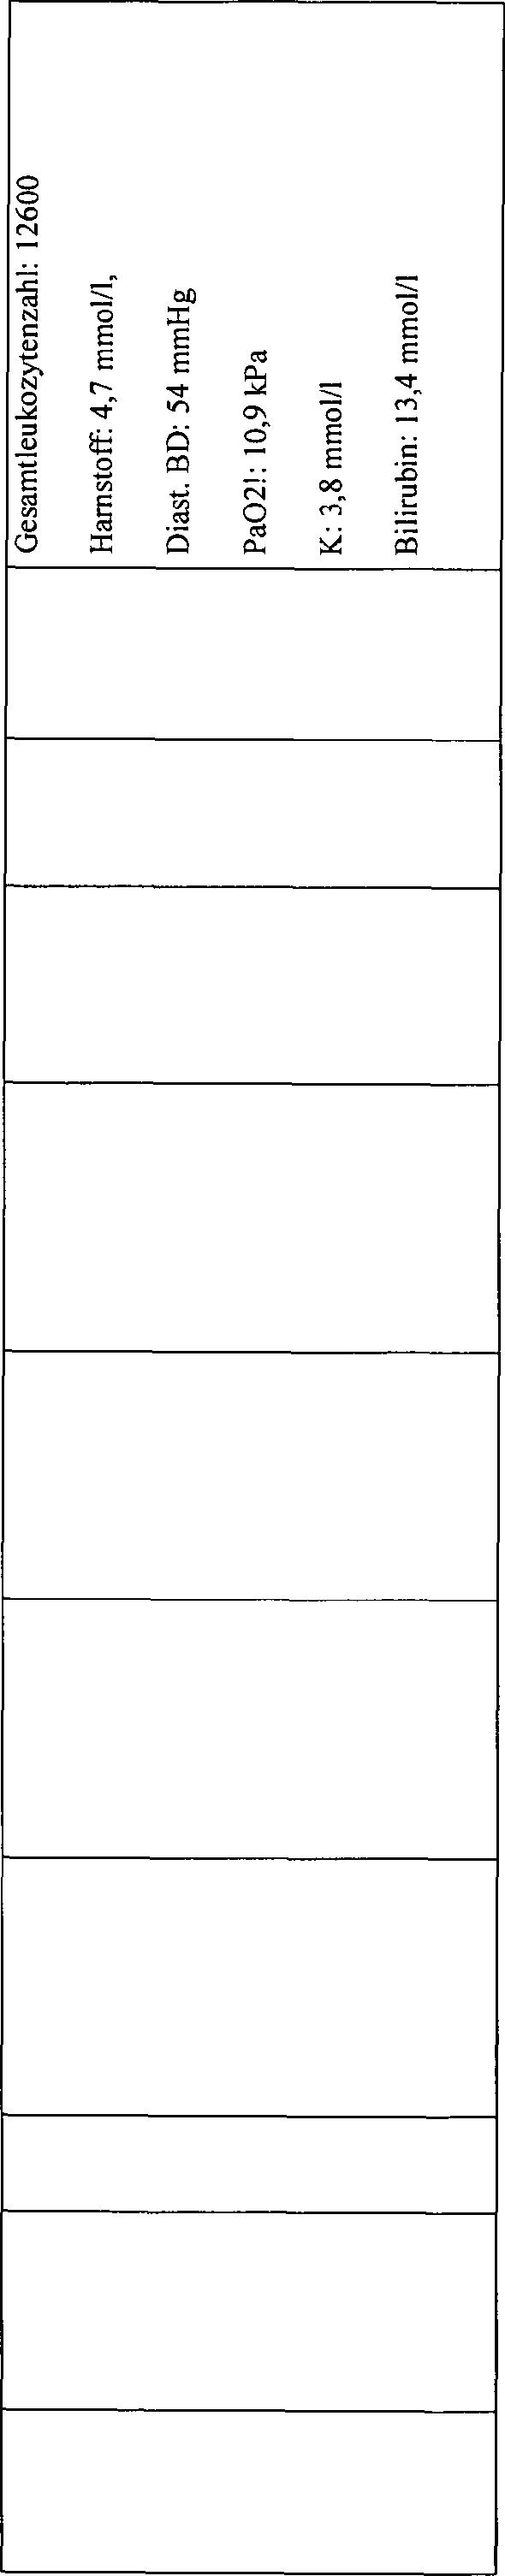 Figure DE000010315031B4_0003